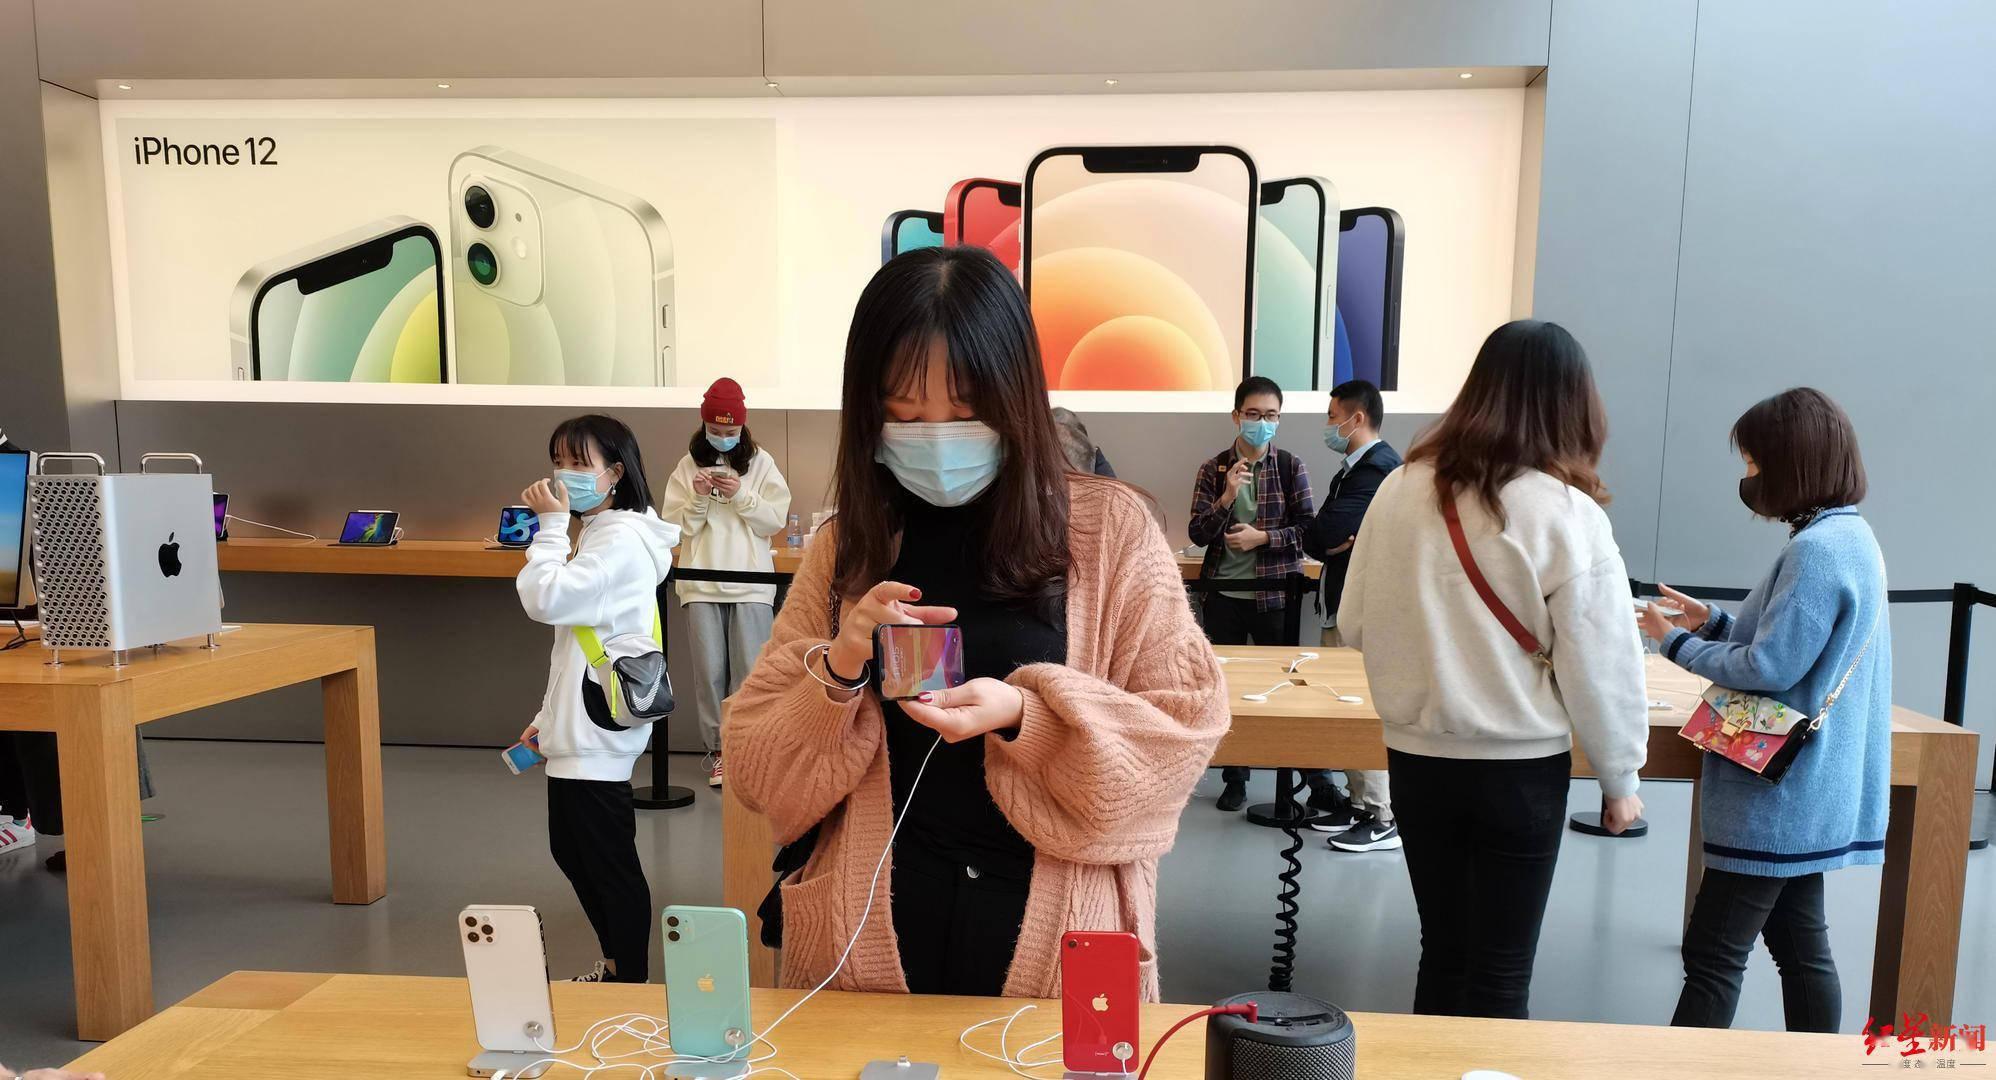 """上市5天iPhone12就""""跌破发行价""""  走访:办个5G套餐,最高能降1300多元"""